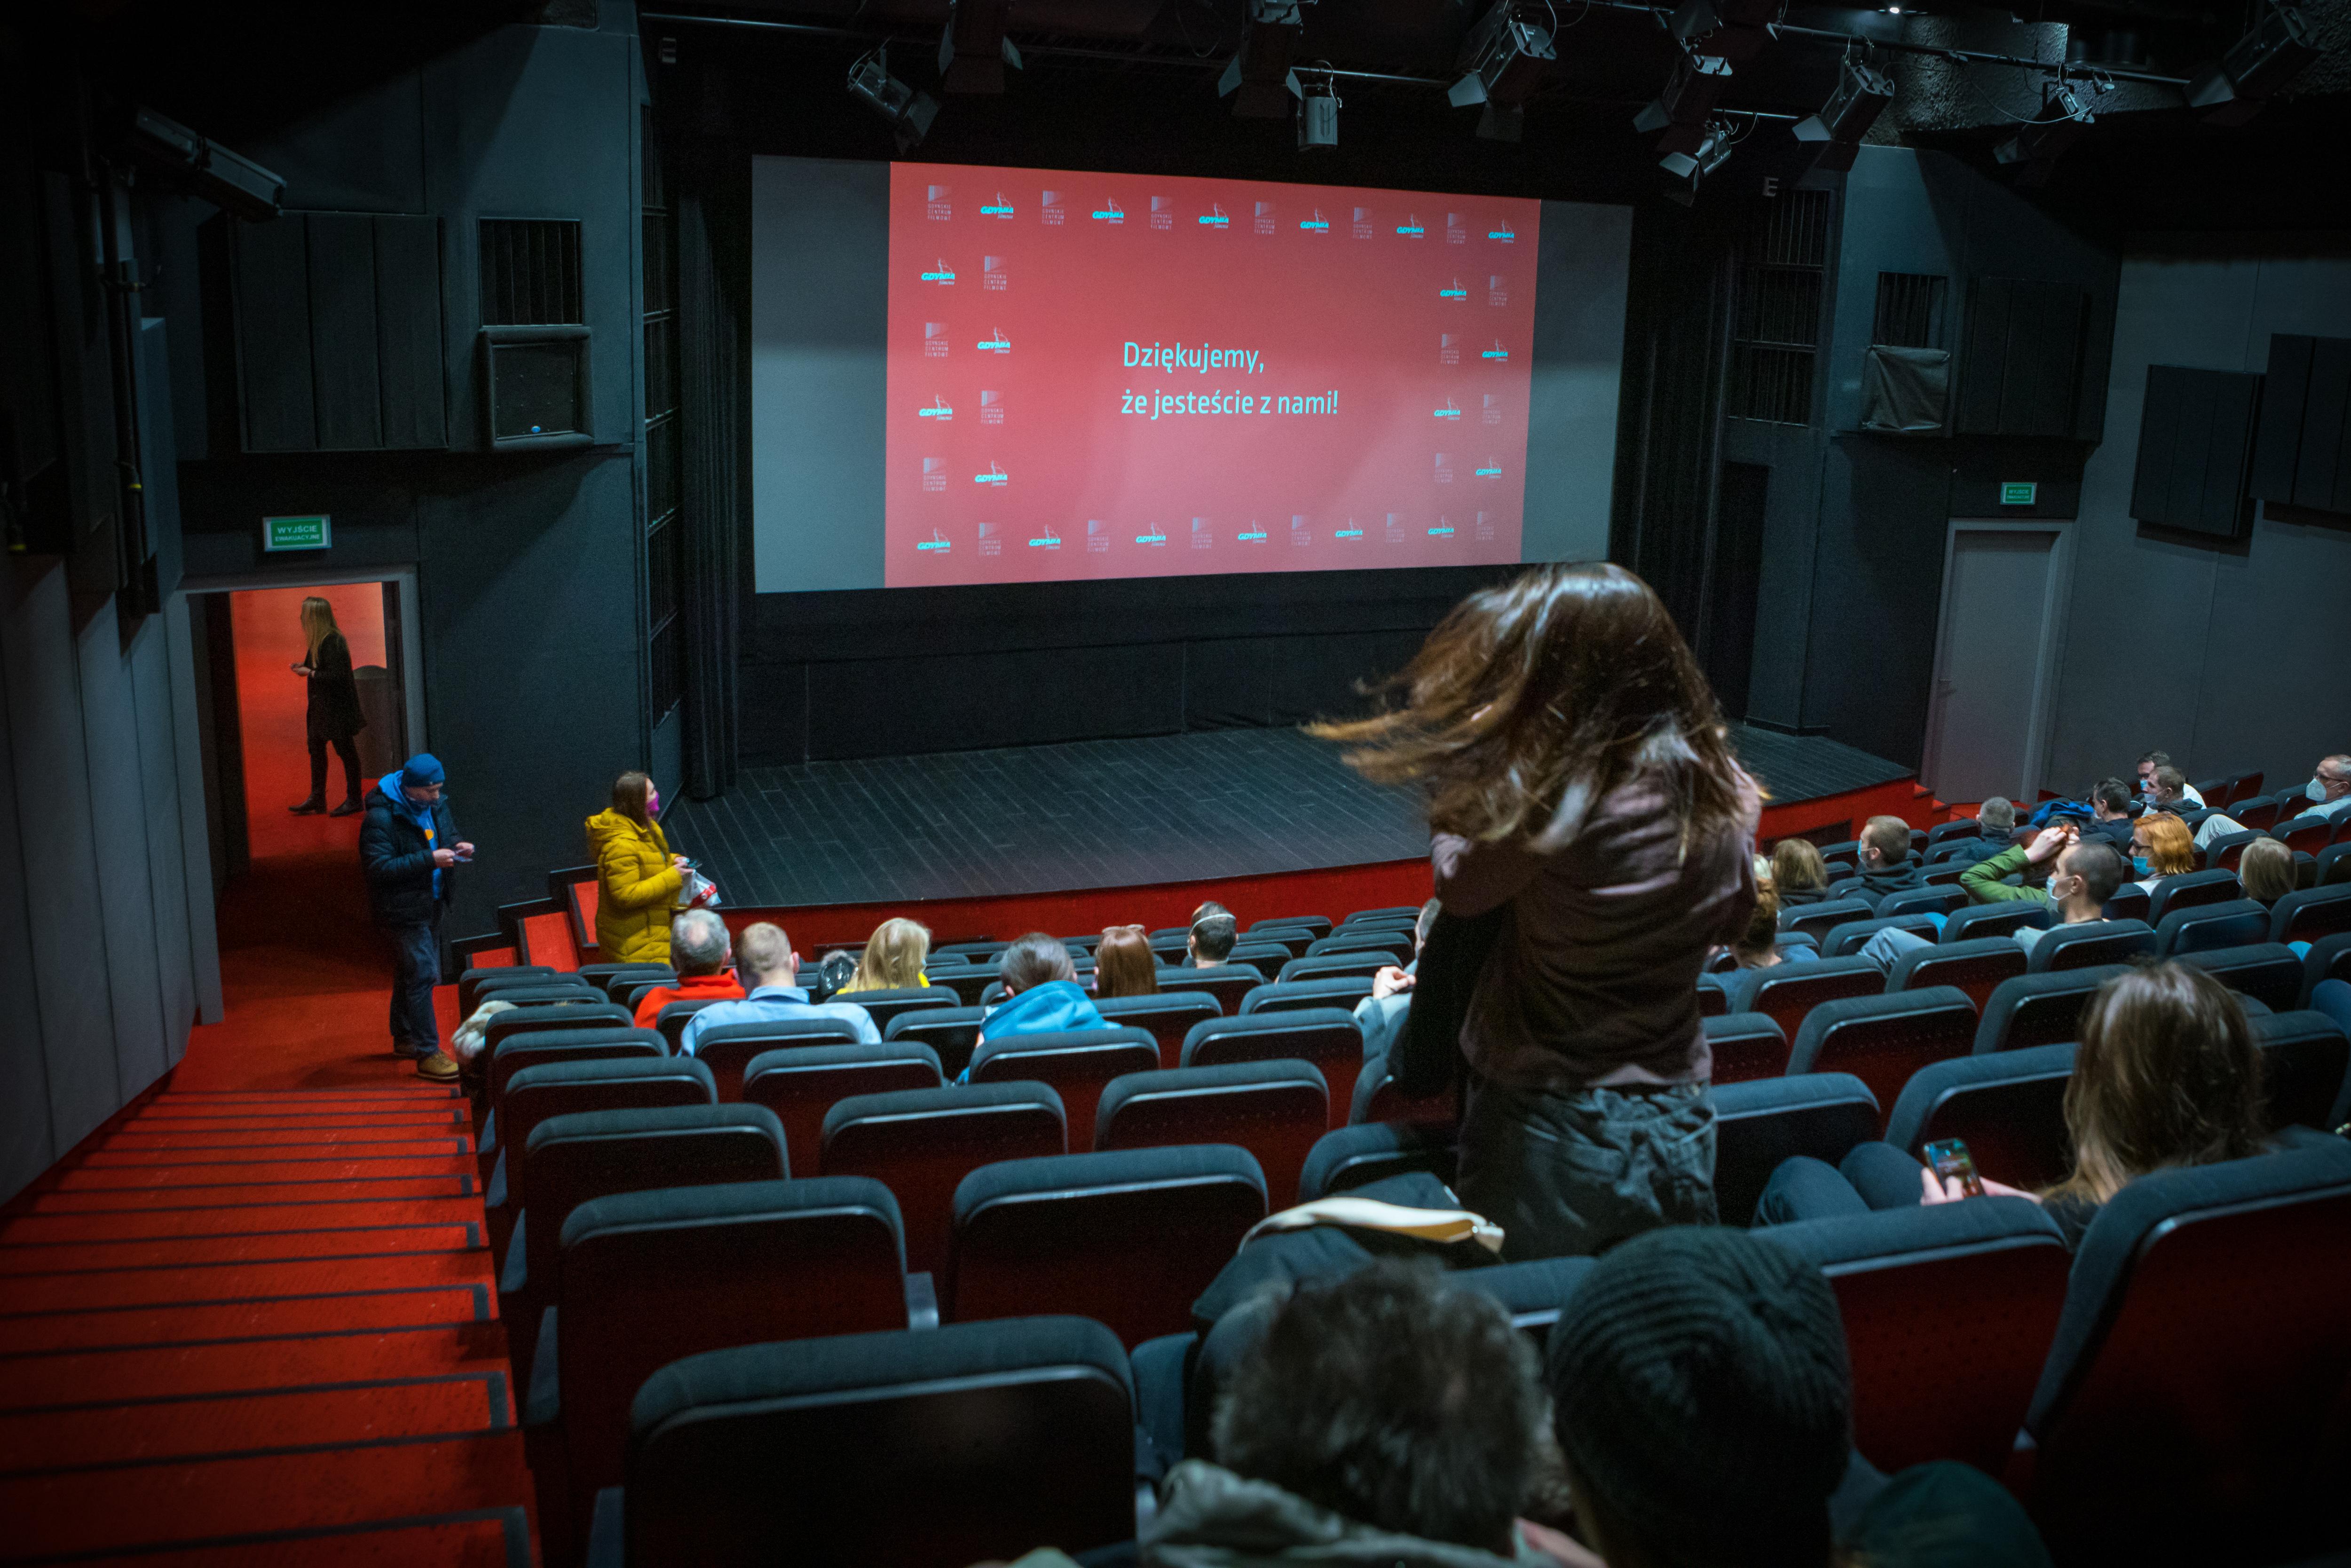 """Sala kinowa w Gdyńskim Centrum Filmowym, na ekranie wyświetla się biały napis na czerwonym tle """"Dziękujemy, że jesteście z nami!"""". Fot. Anna Rezulak / KFP"""